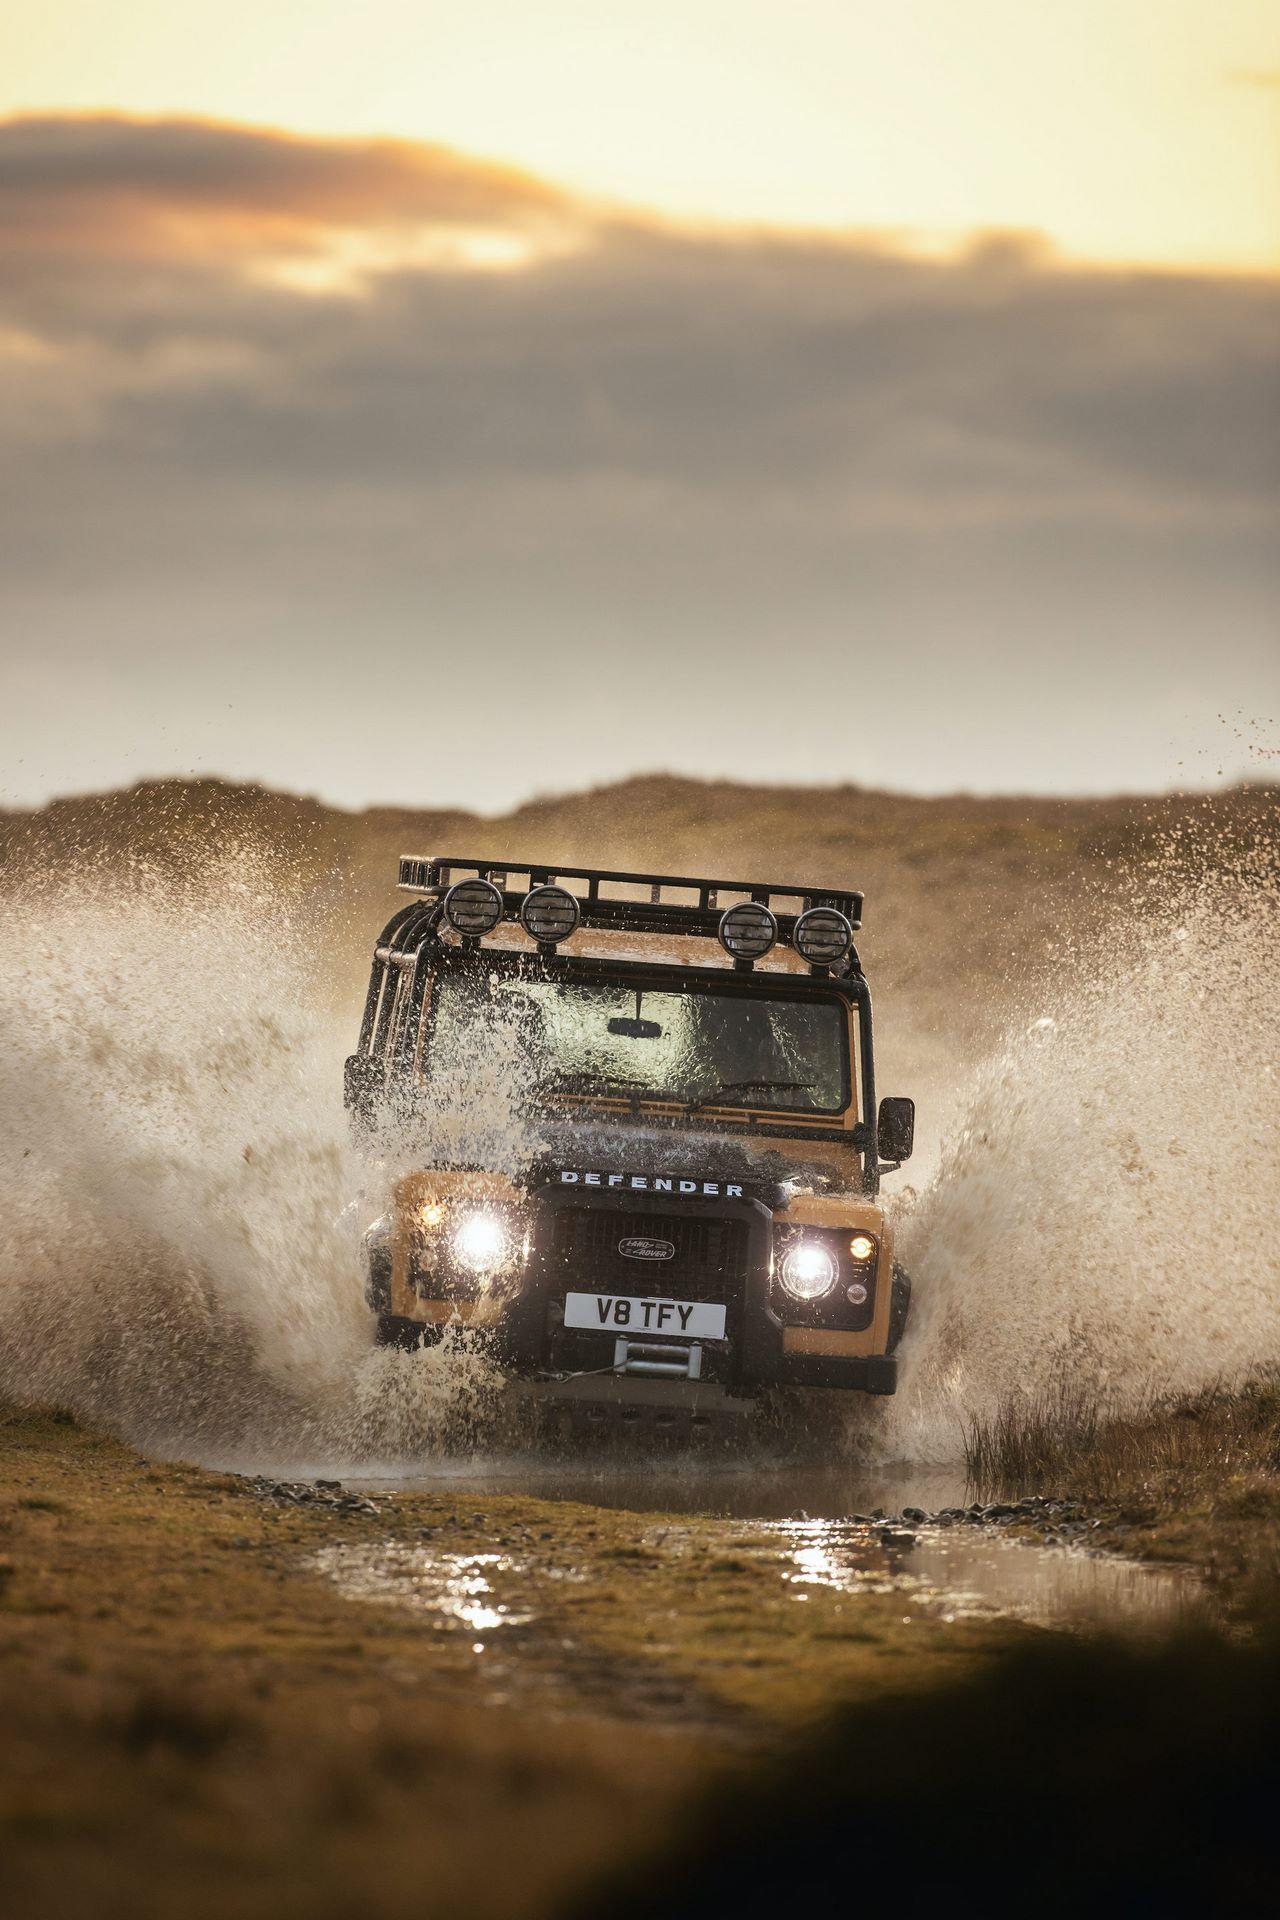 Land-Rover-Defender-Works-V8-Trophy-3